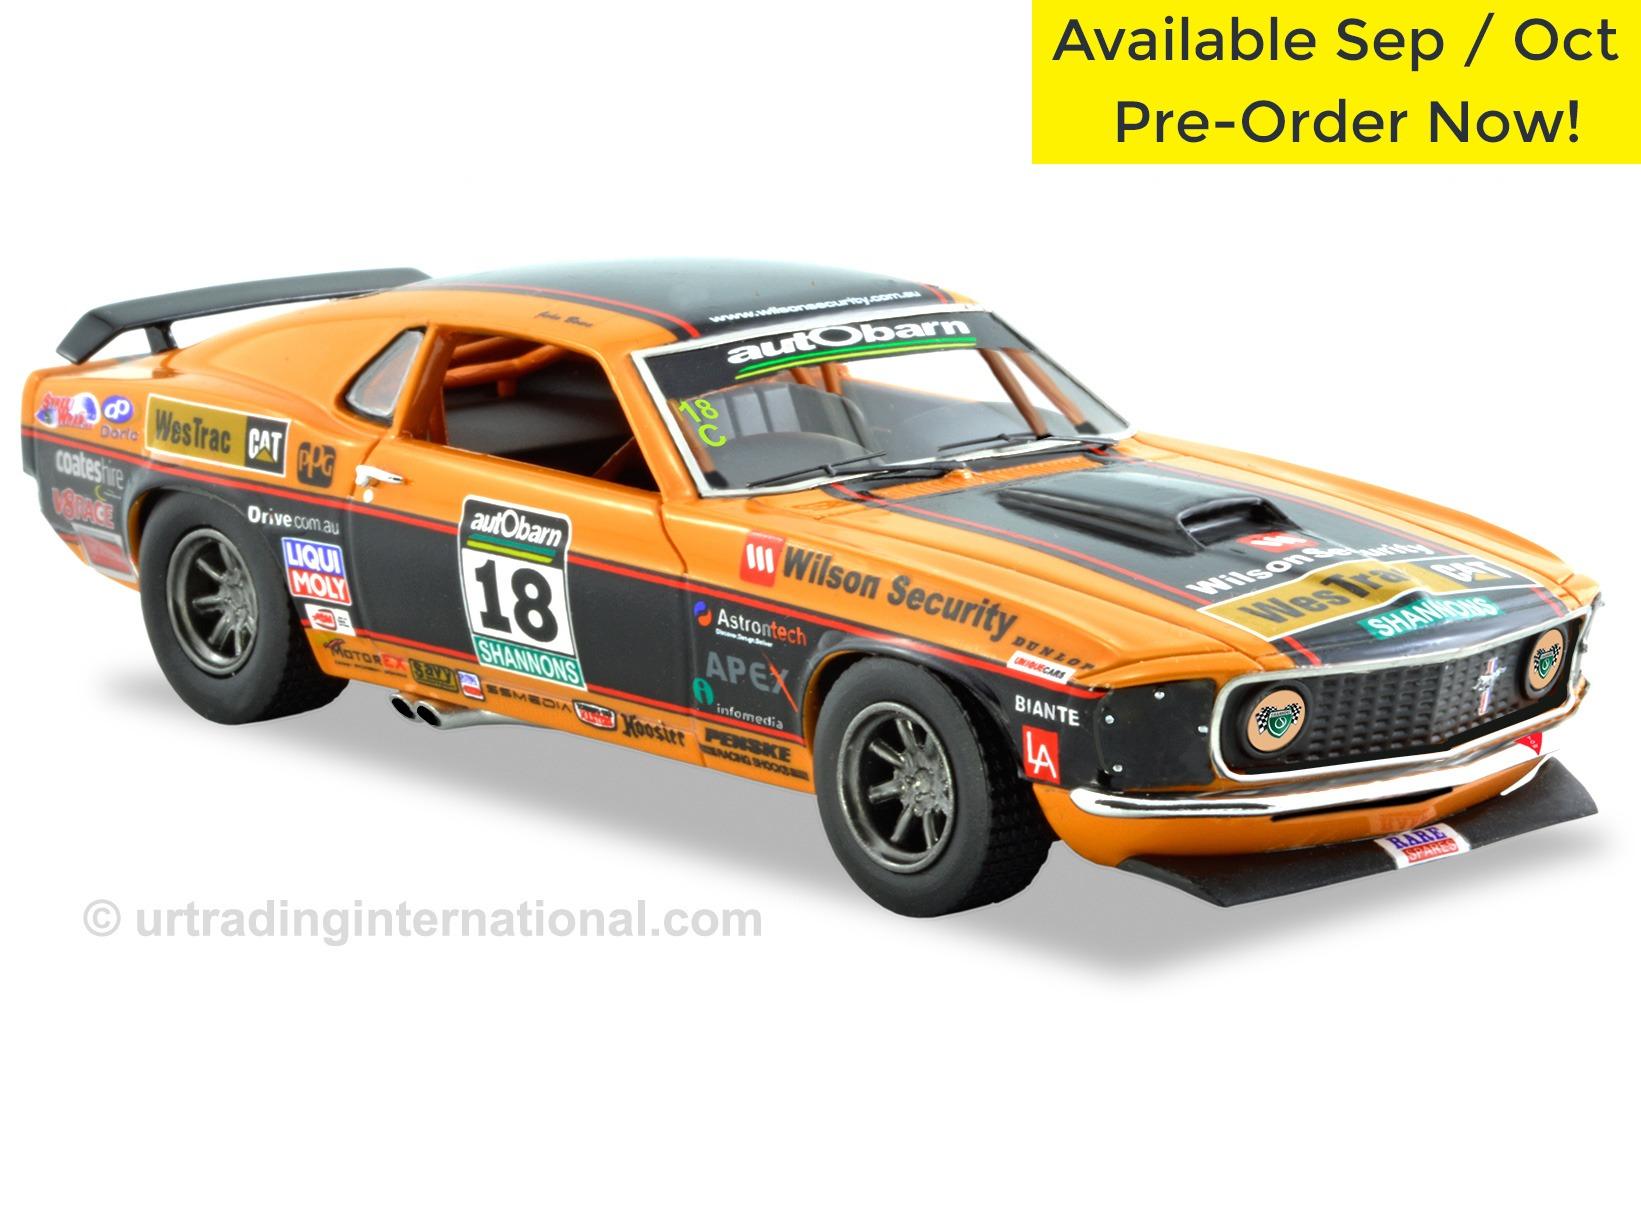 1969 Ford Mustang – Touring Car Masters – John Bowe – Orange